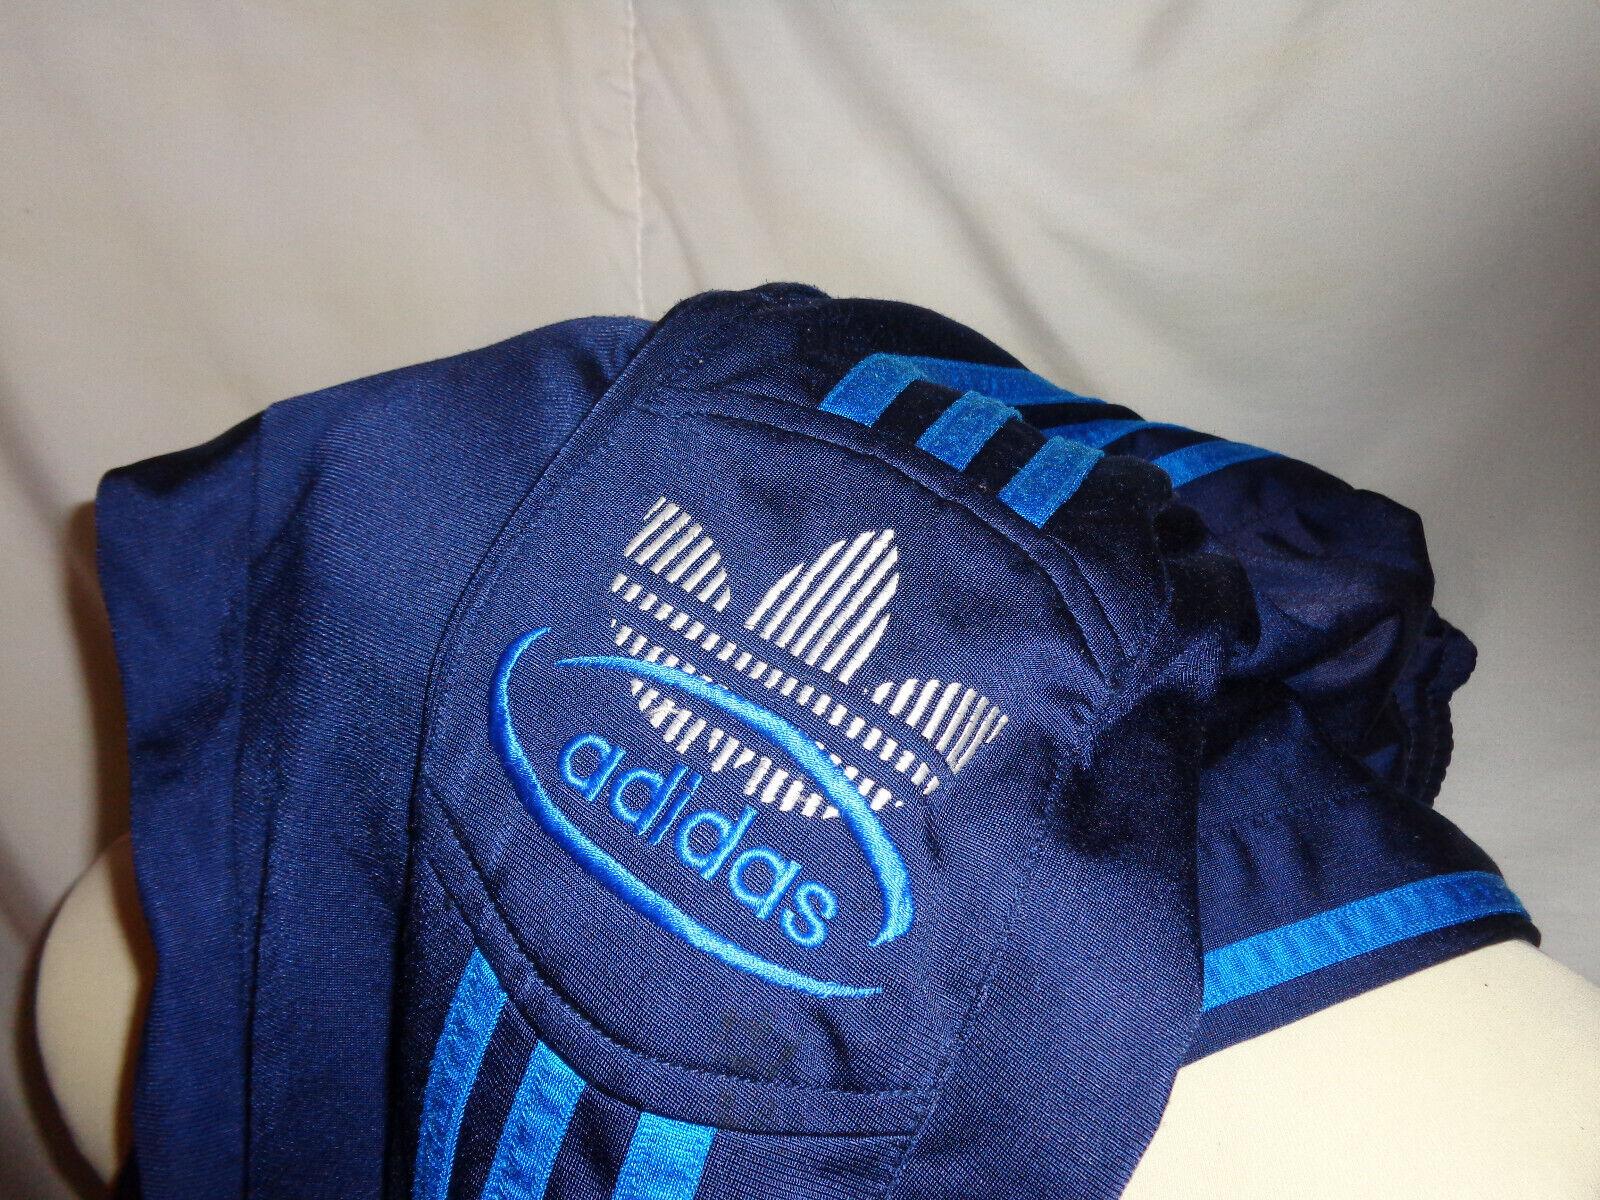 Vintage 90' ancien pantalon survÊtement adidas t180 jogging short bleu marine